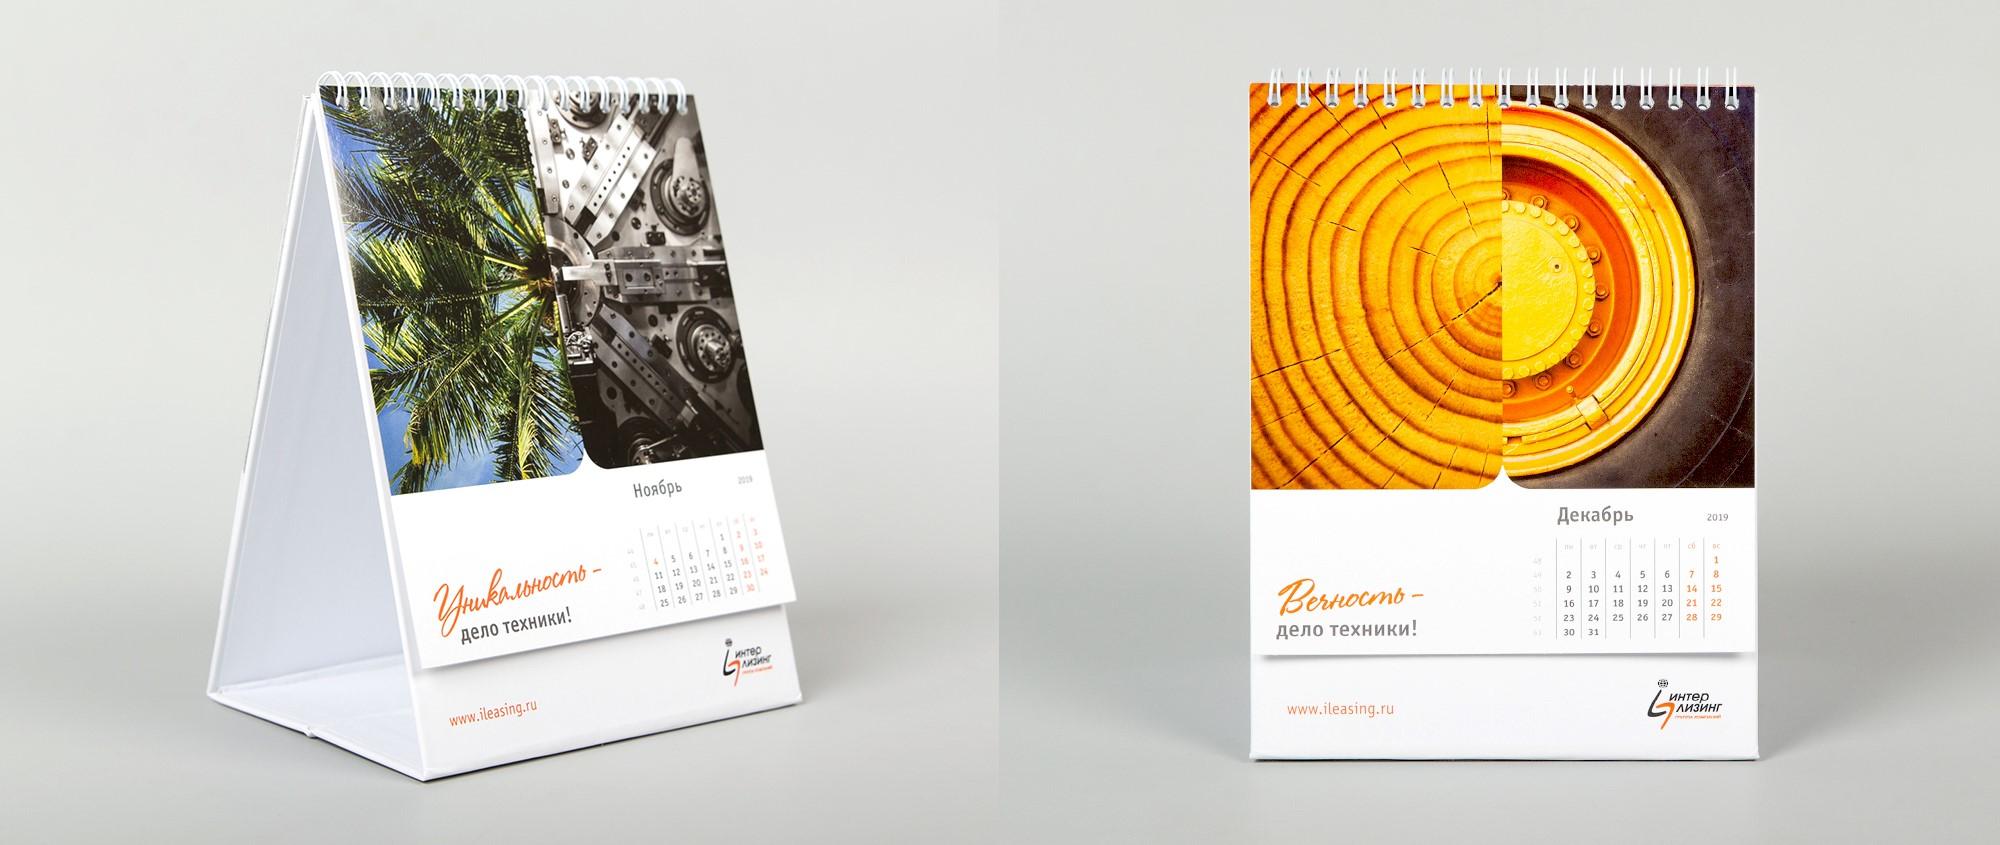 Разработка дизайна календарей в Москве | фото 6